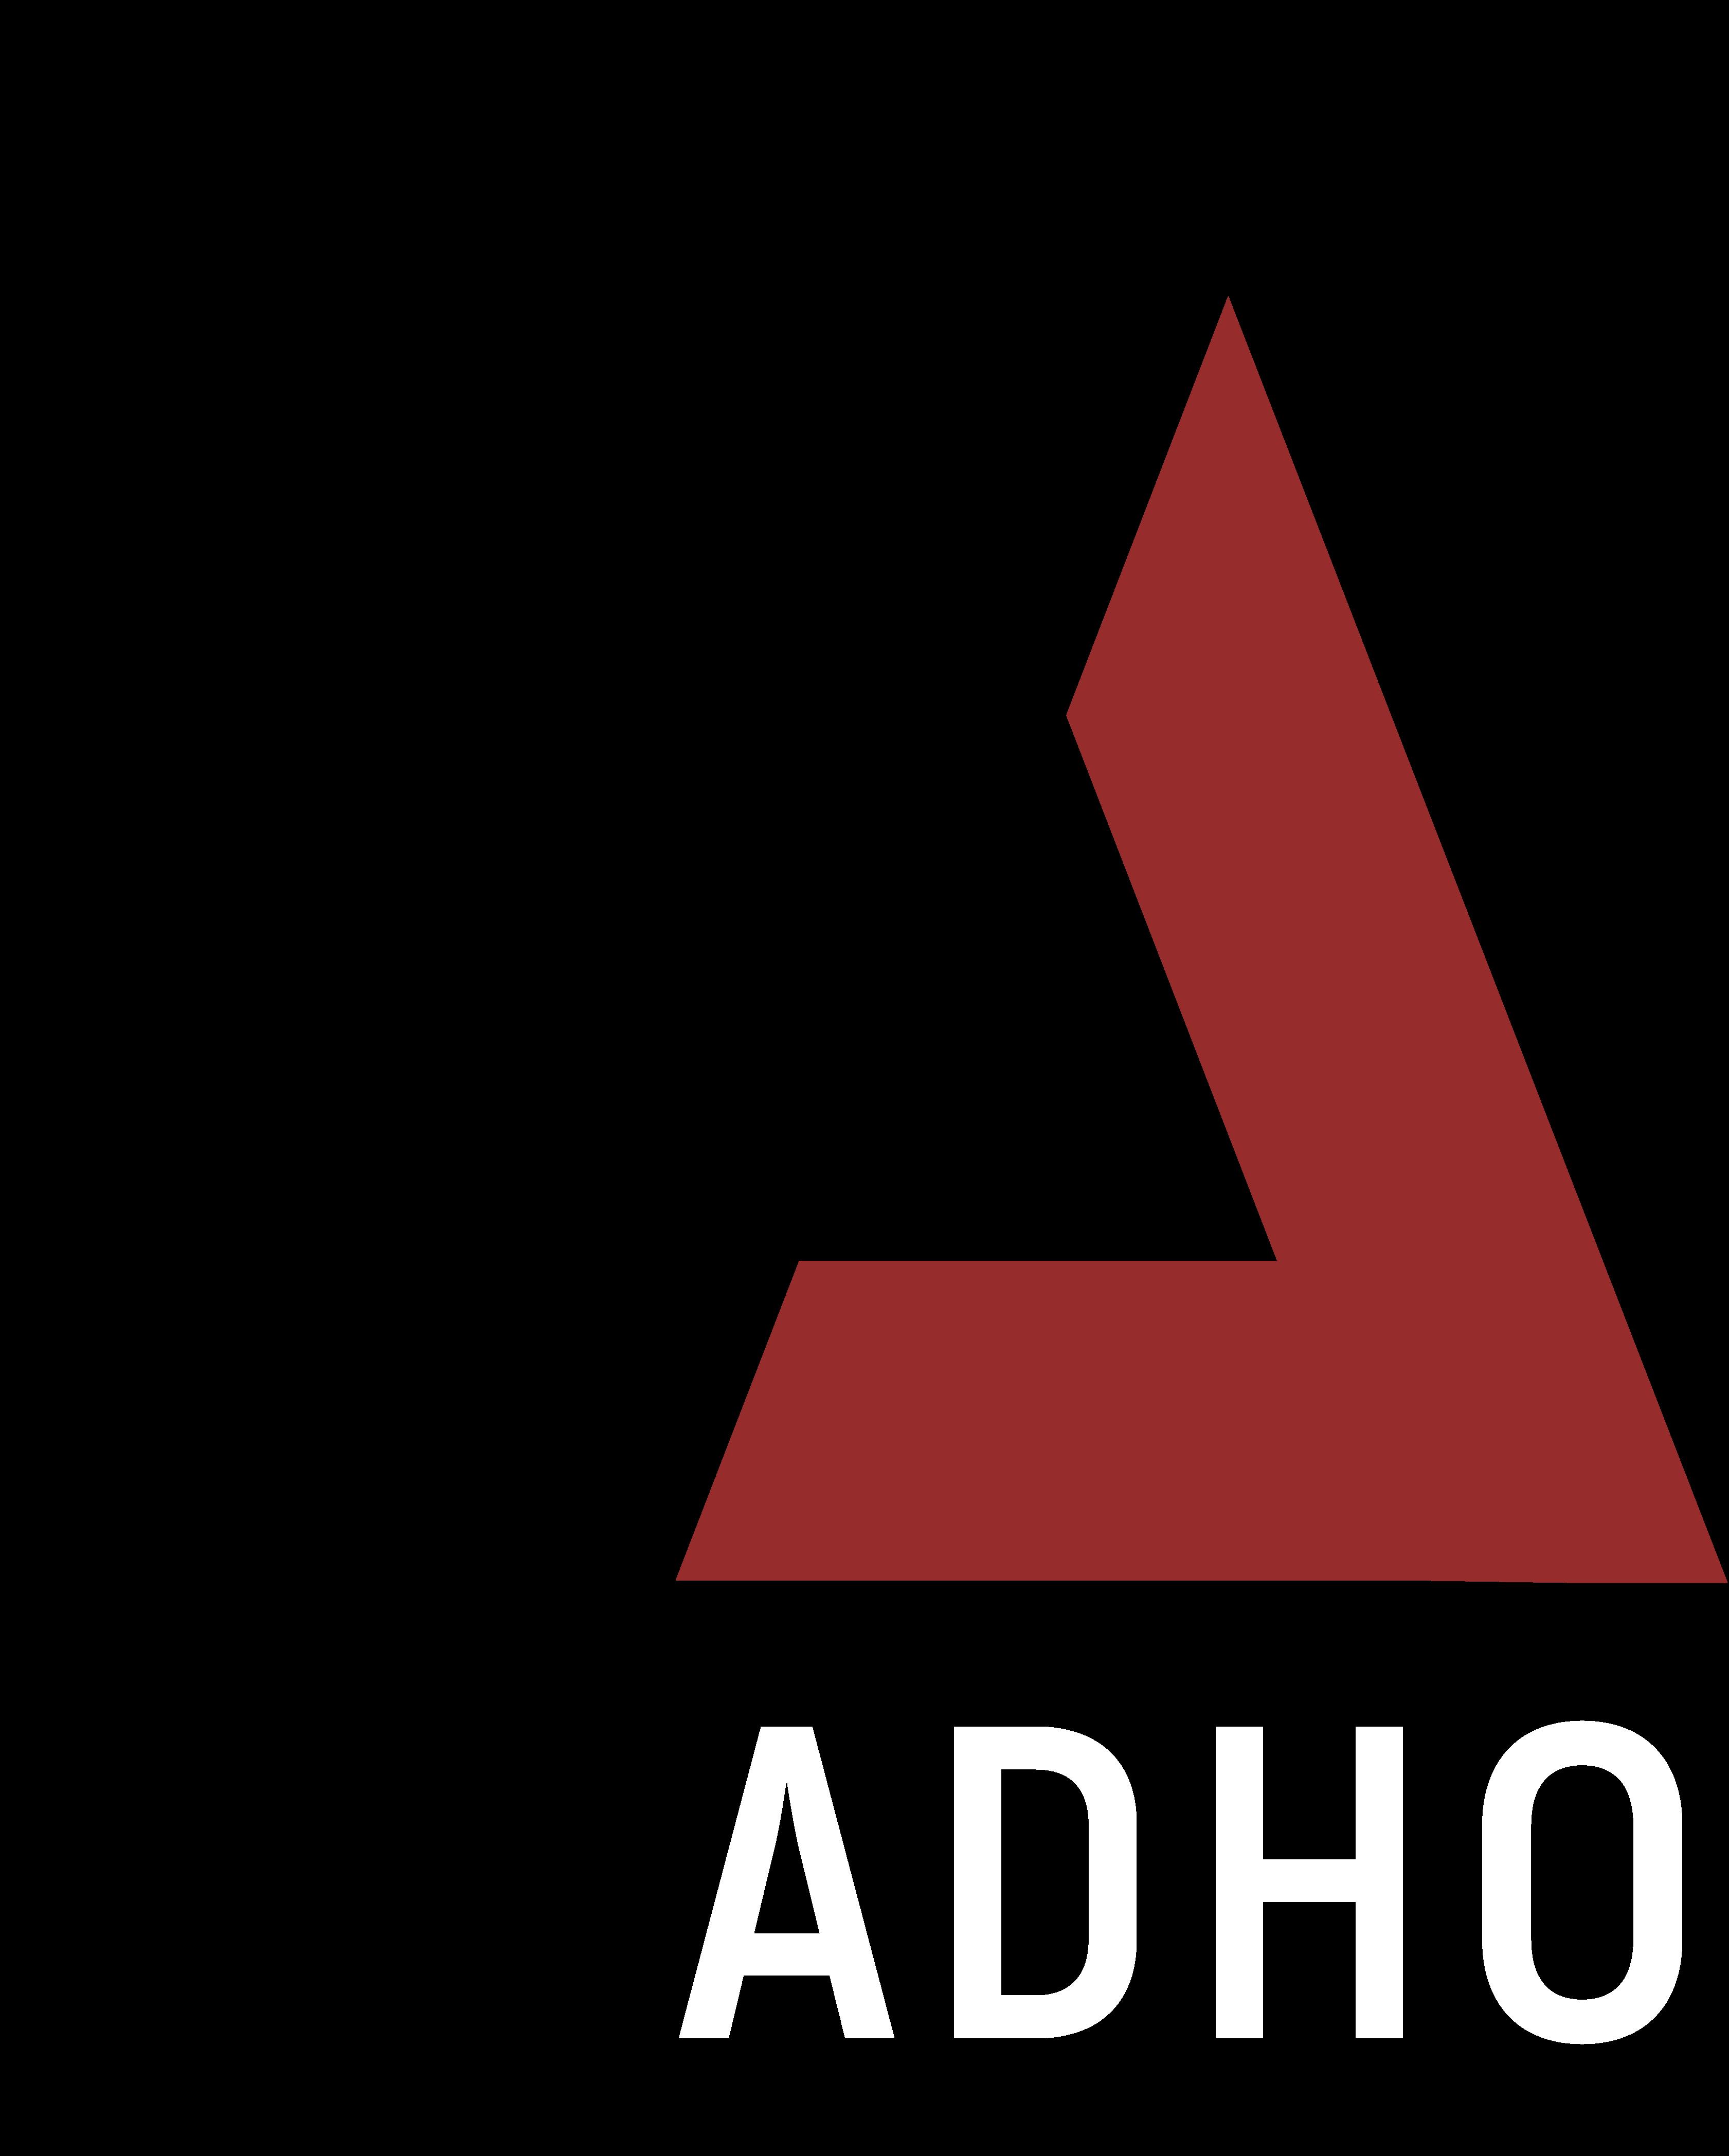 Adho Oy